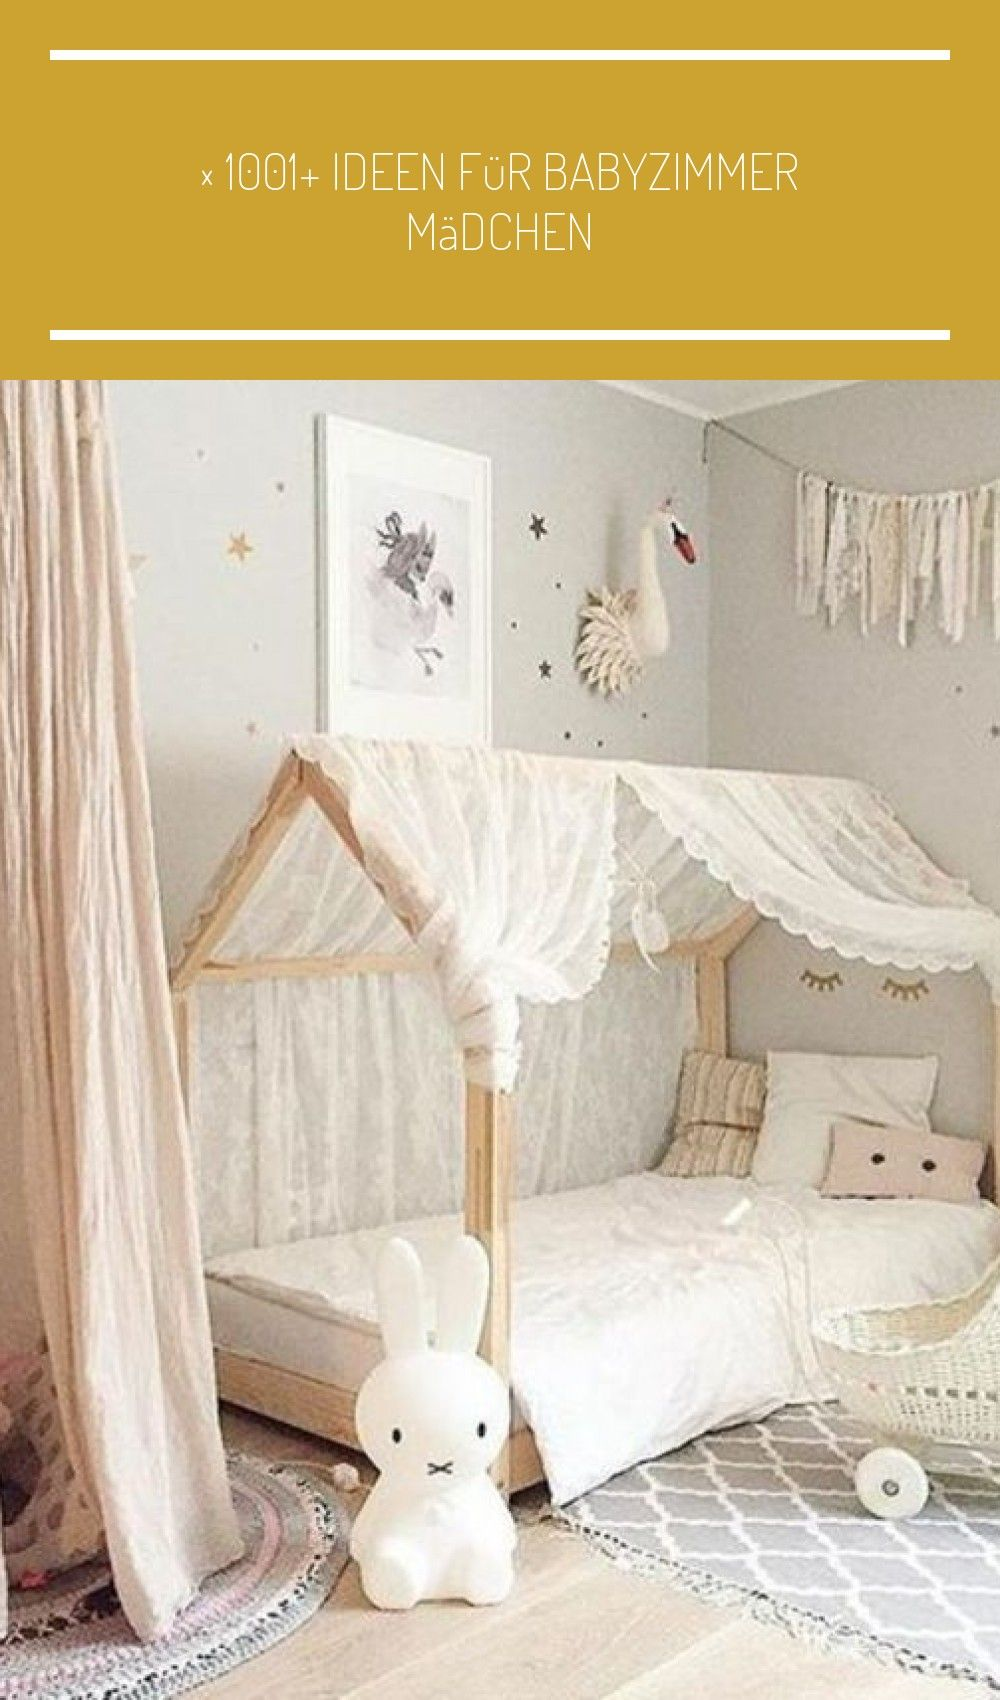 Kinderzimmer Idee Dezente Farben Und Einrichtung Weiß Für Mädchen Oder Junge Kinderzimmer Spielecke Kinderzimmer Ideen Jungen Farbe In 2020 Toddler Bed House Beds Bed